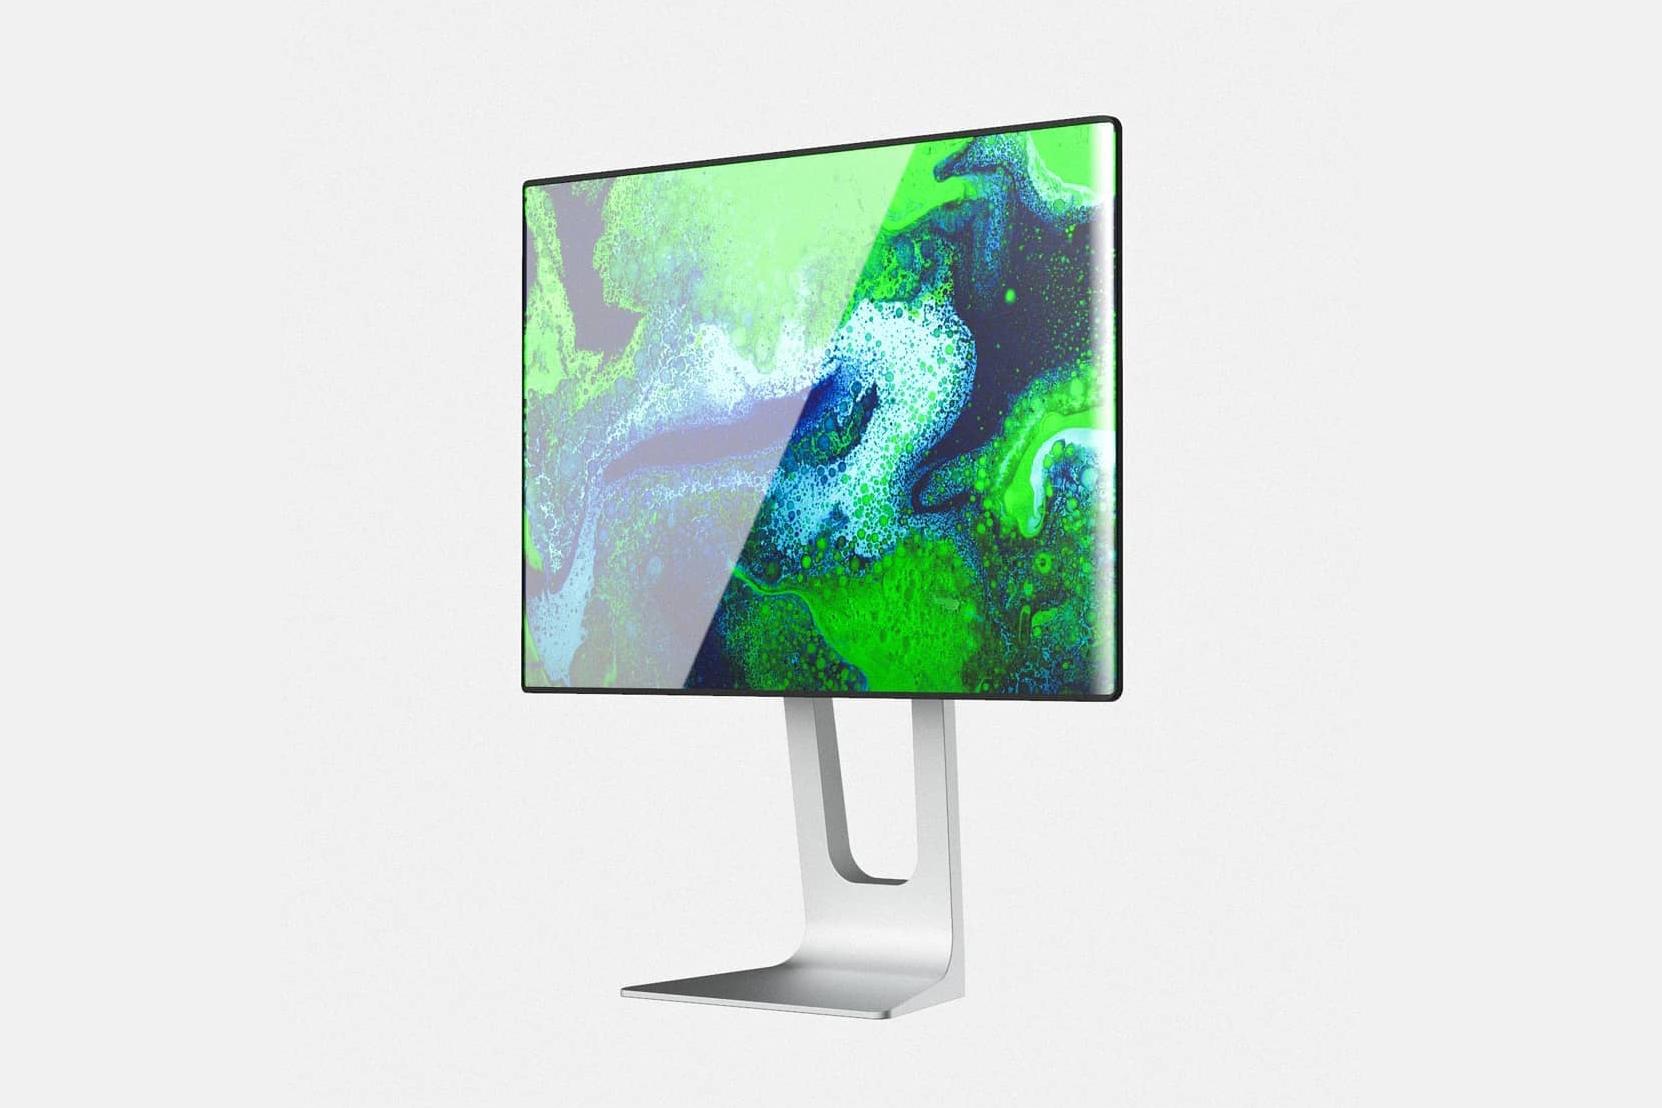 apple display 2019, apple monitor, apple pro display xdr, apple pro display xdr price, apple 5k thunderbolt display, apple pro stand, apple display 2018, new mac pro